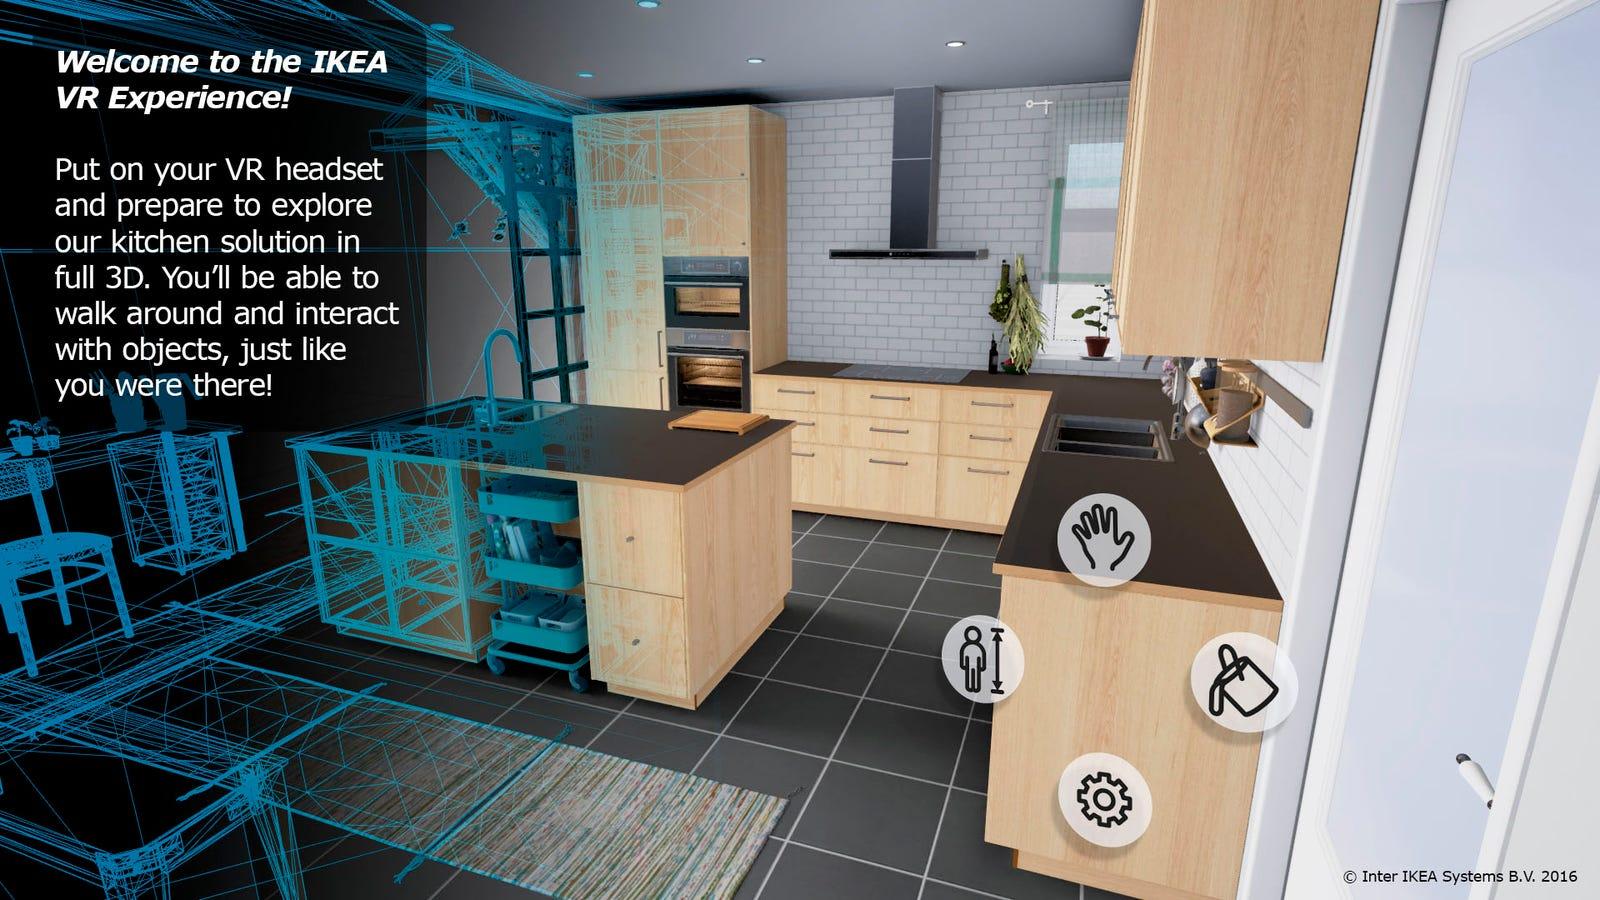 ikea entra en steam con un juego de realidad virtual para